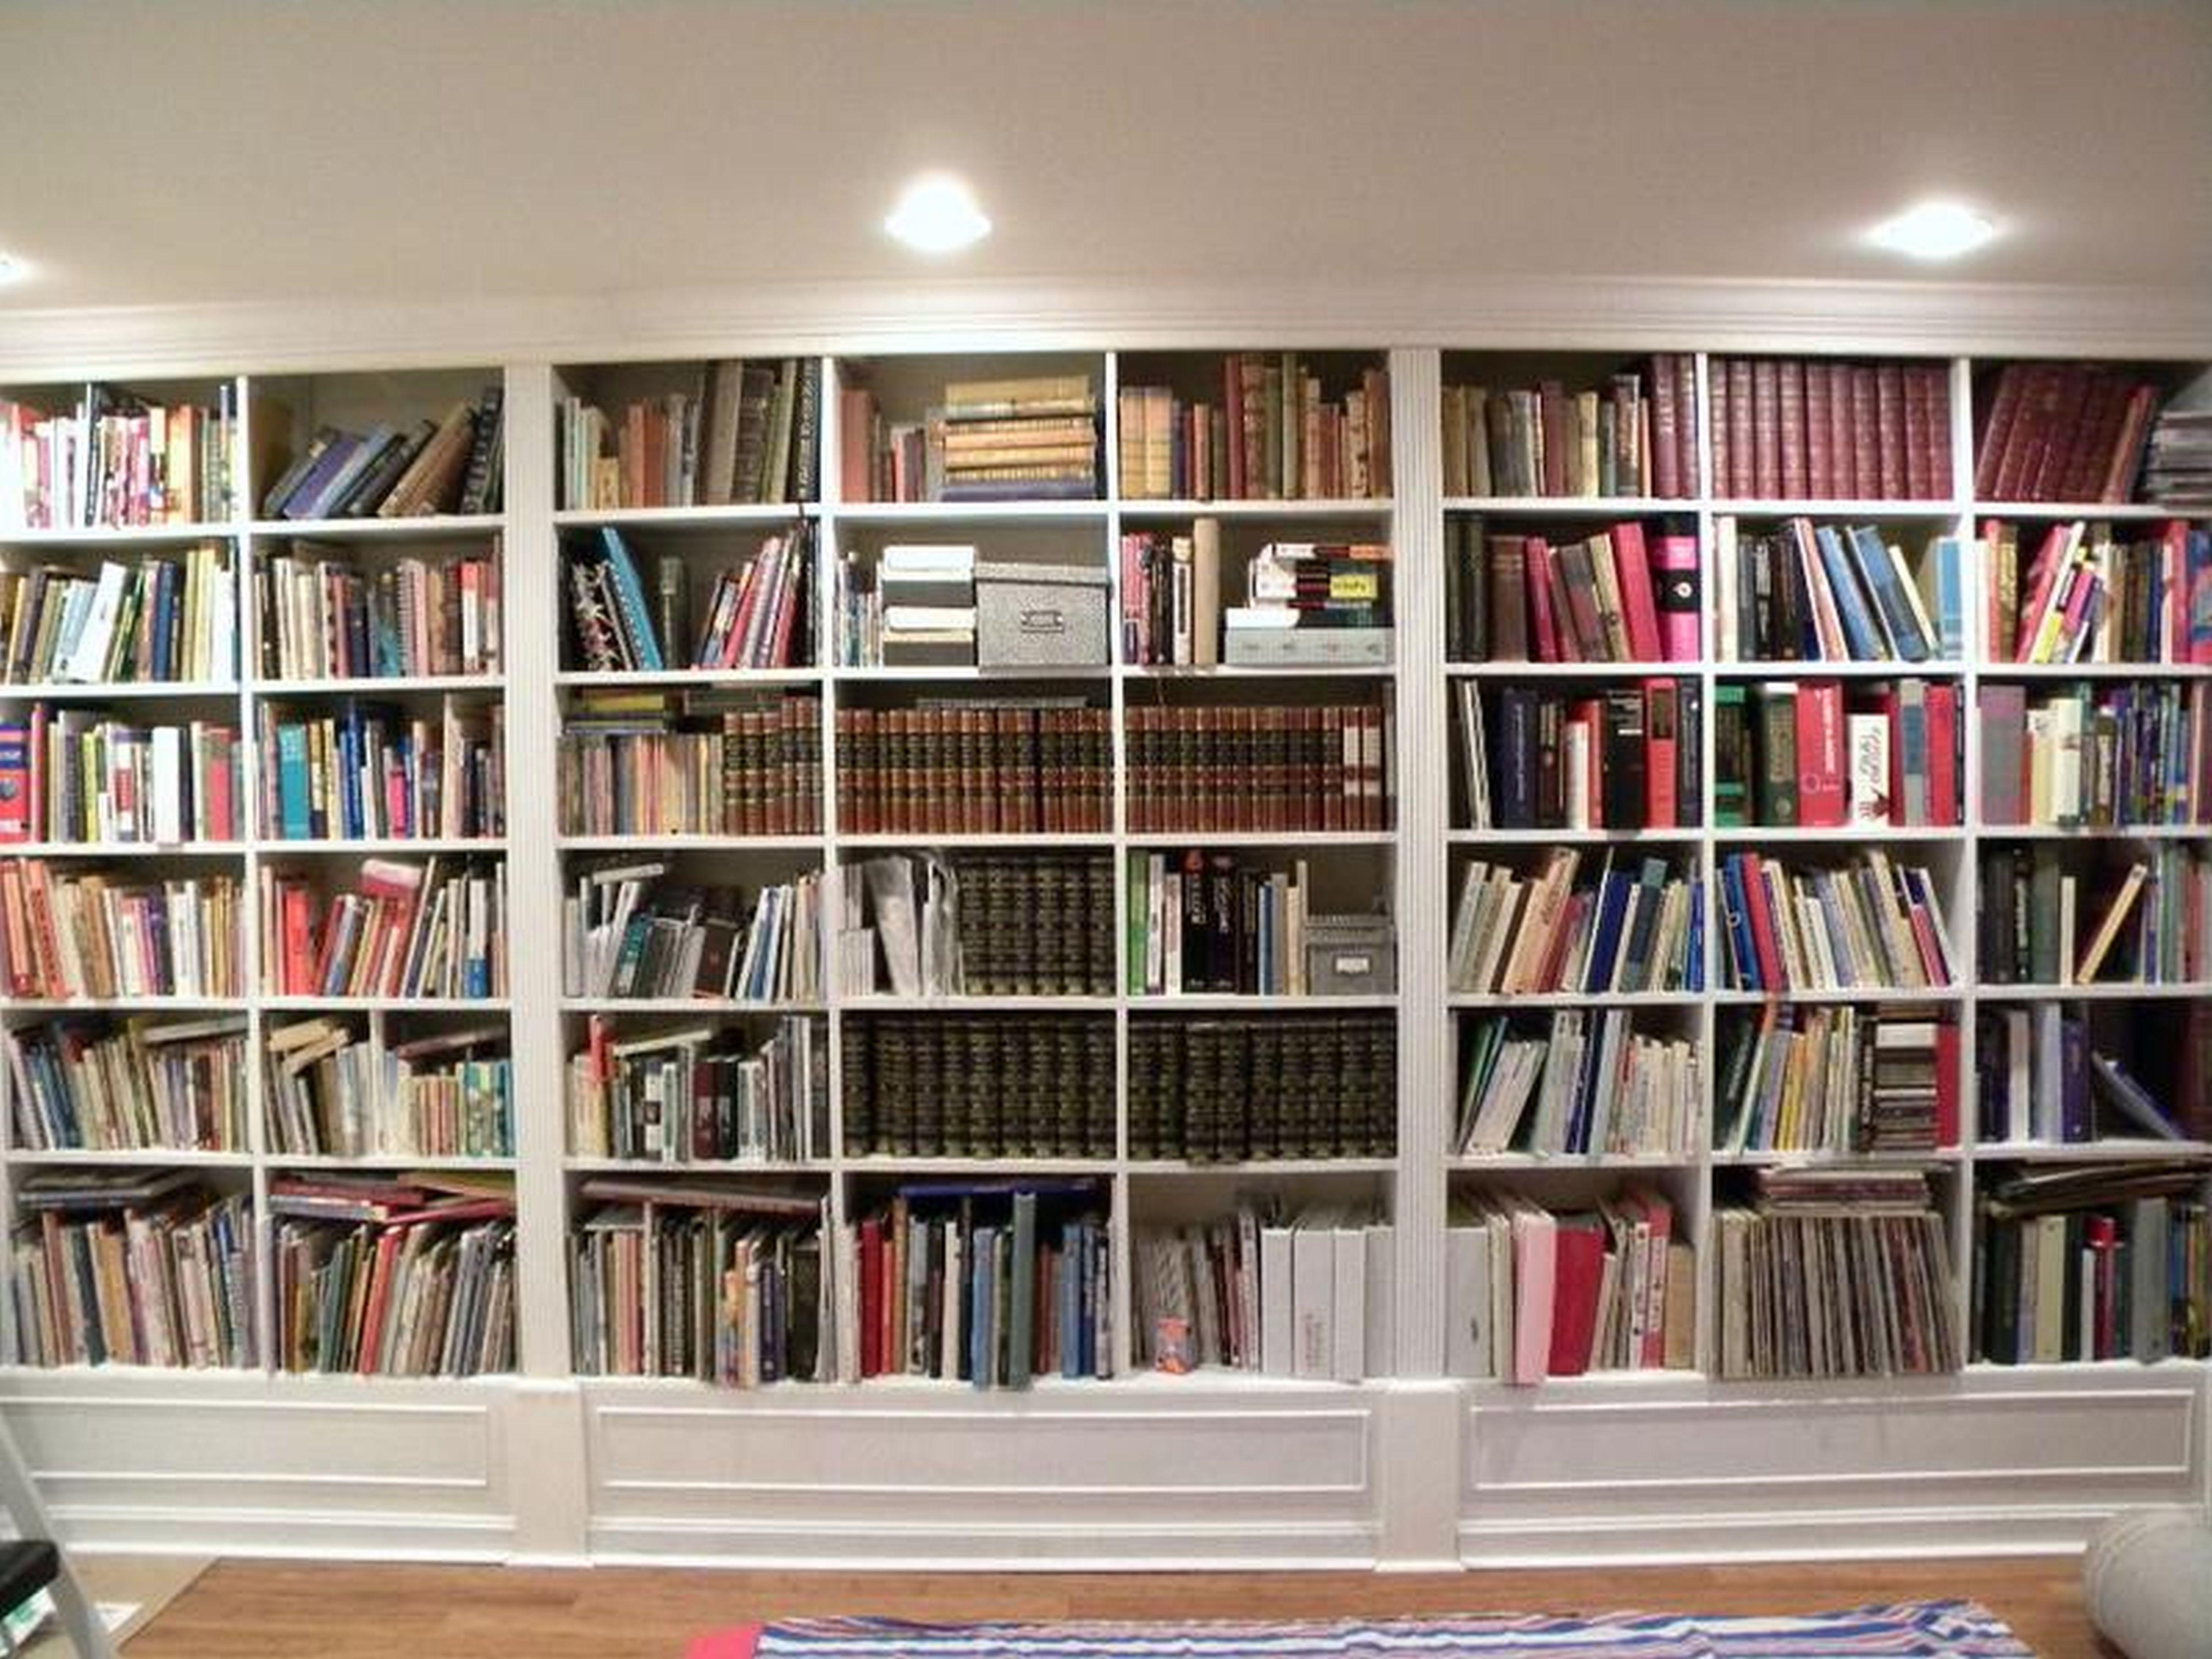 17 Best Images About Bookshelves On Pinterest Regarding Study Bookshelves (#1 of 15)